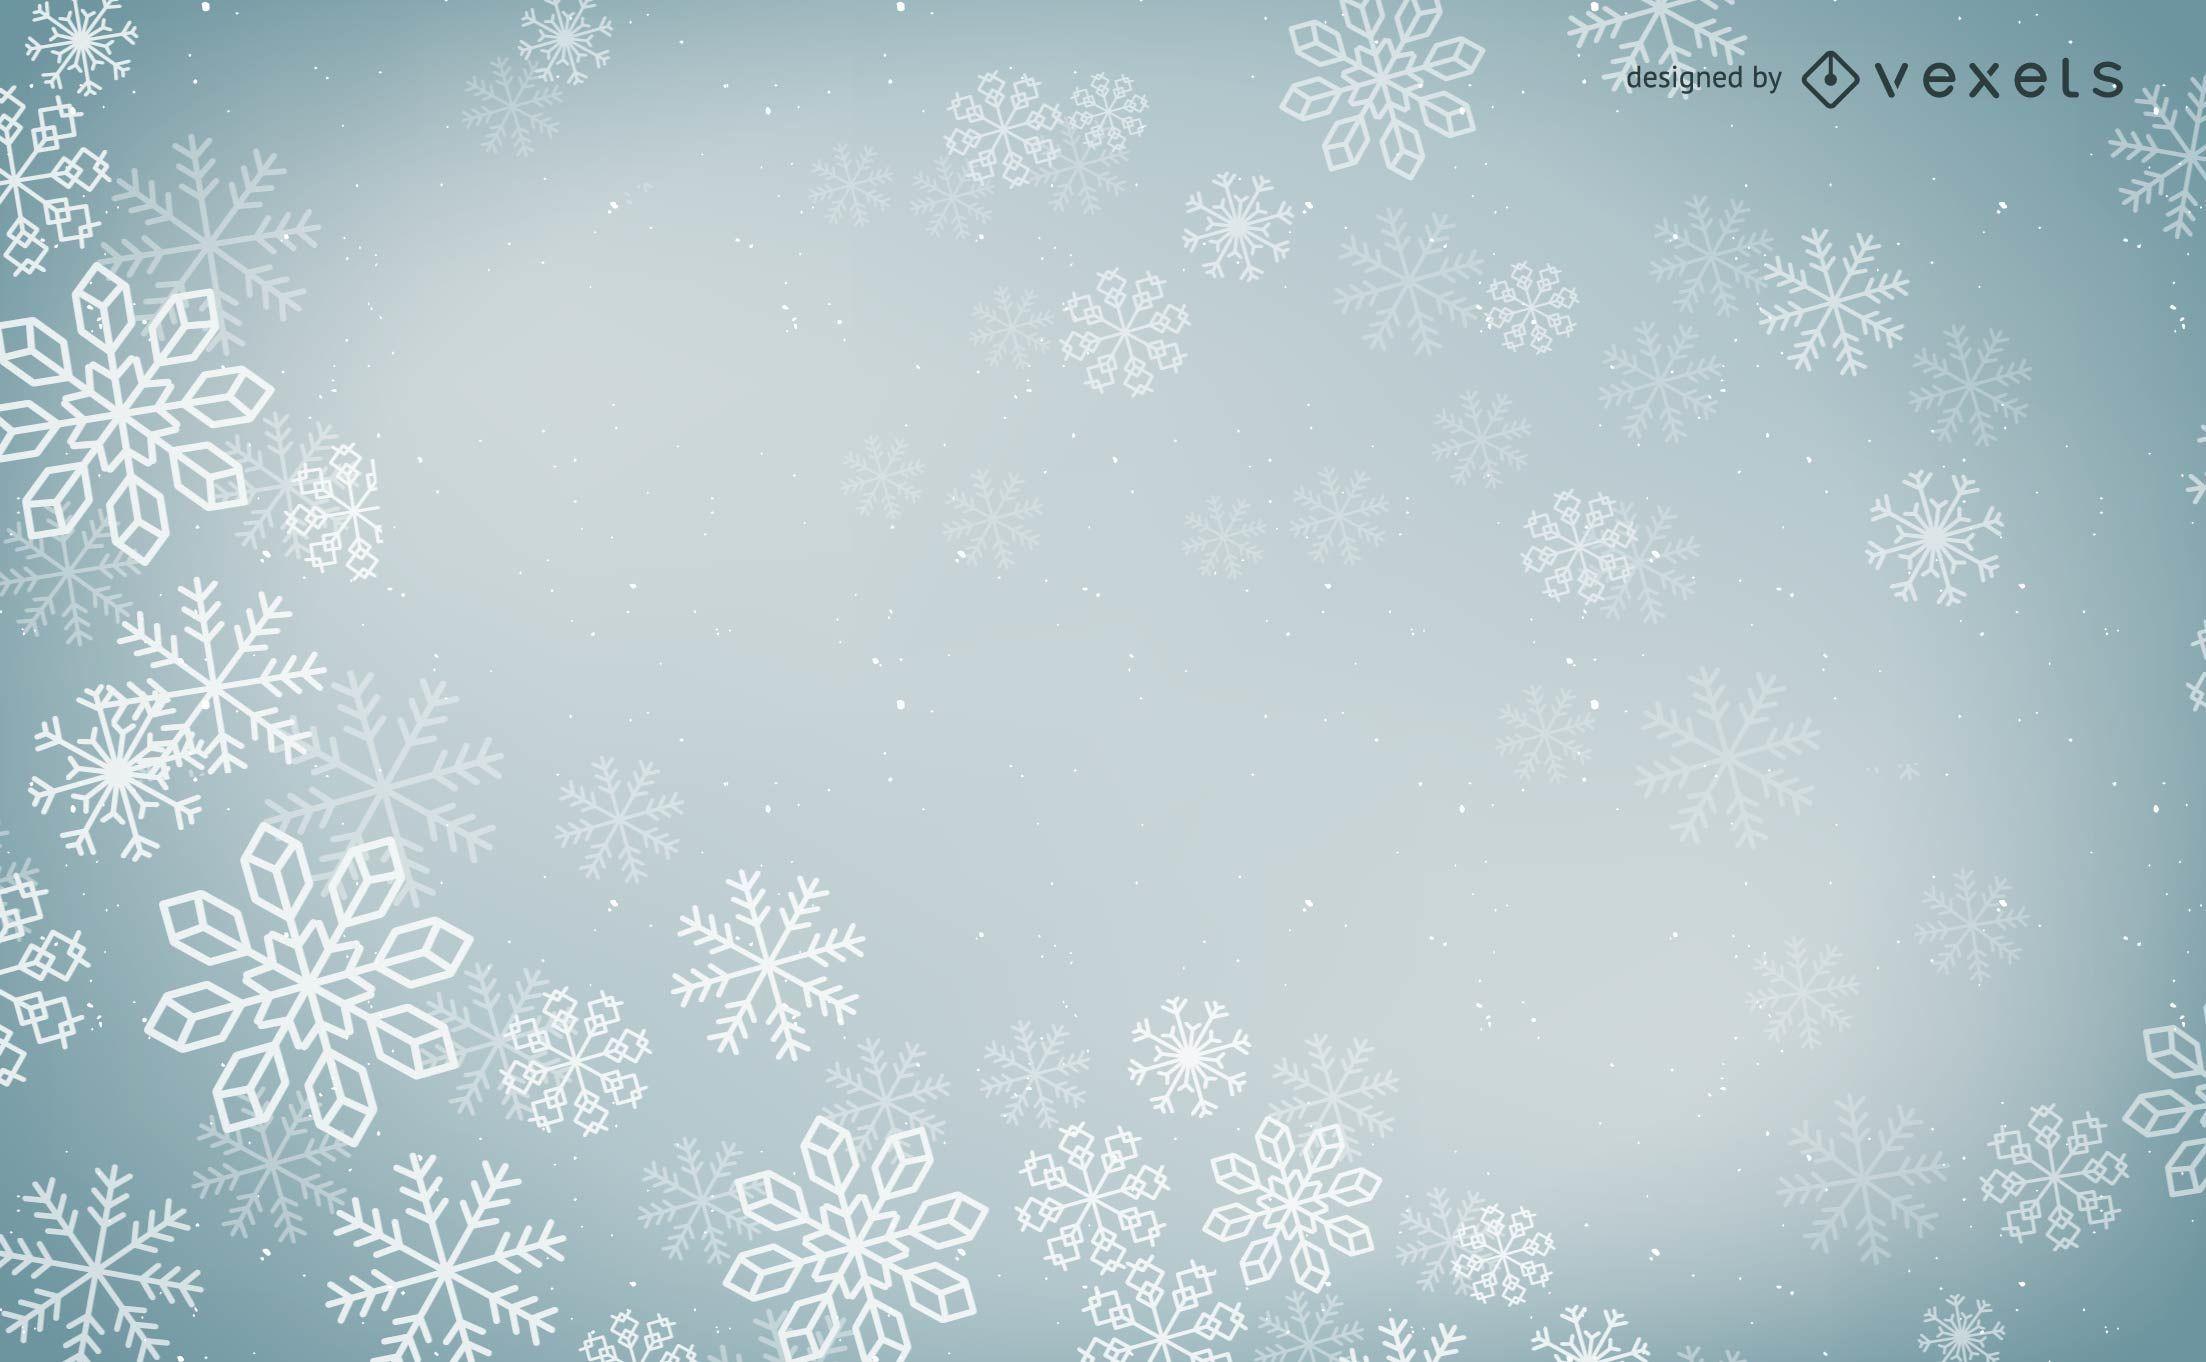 Diseño vectorial de copos de nieve